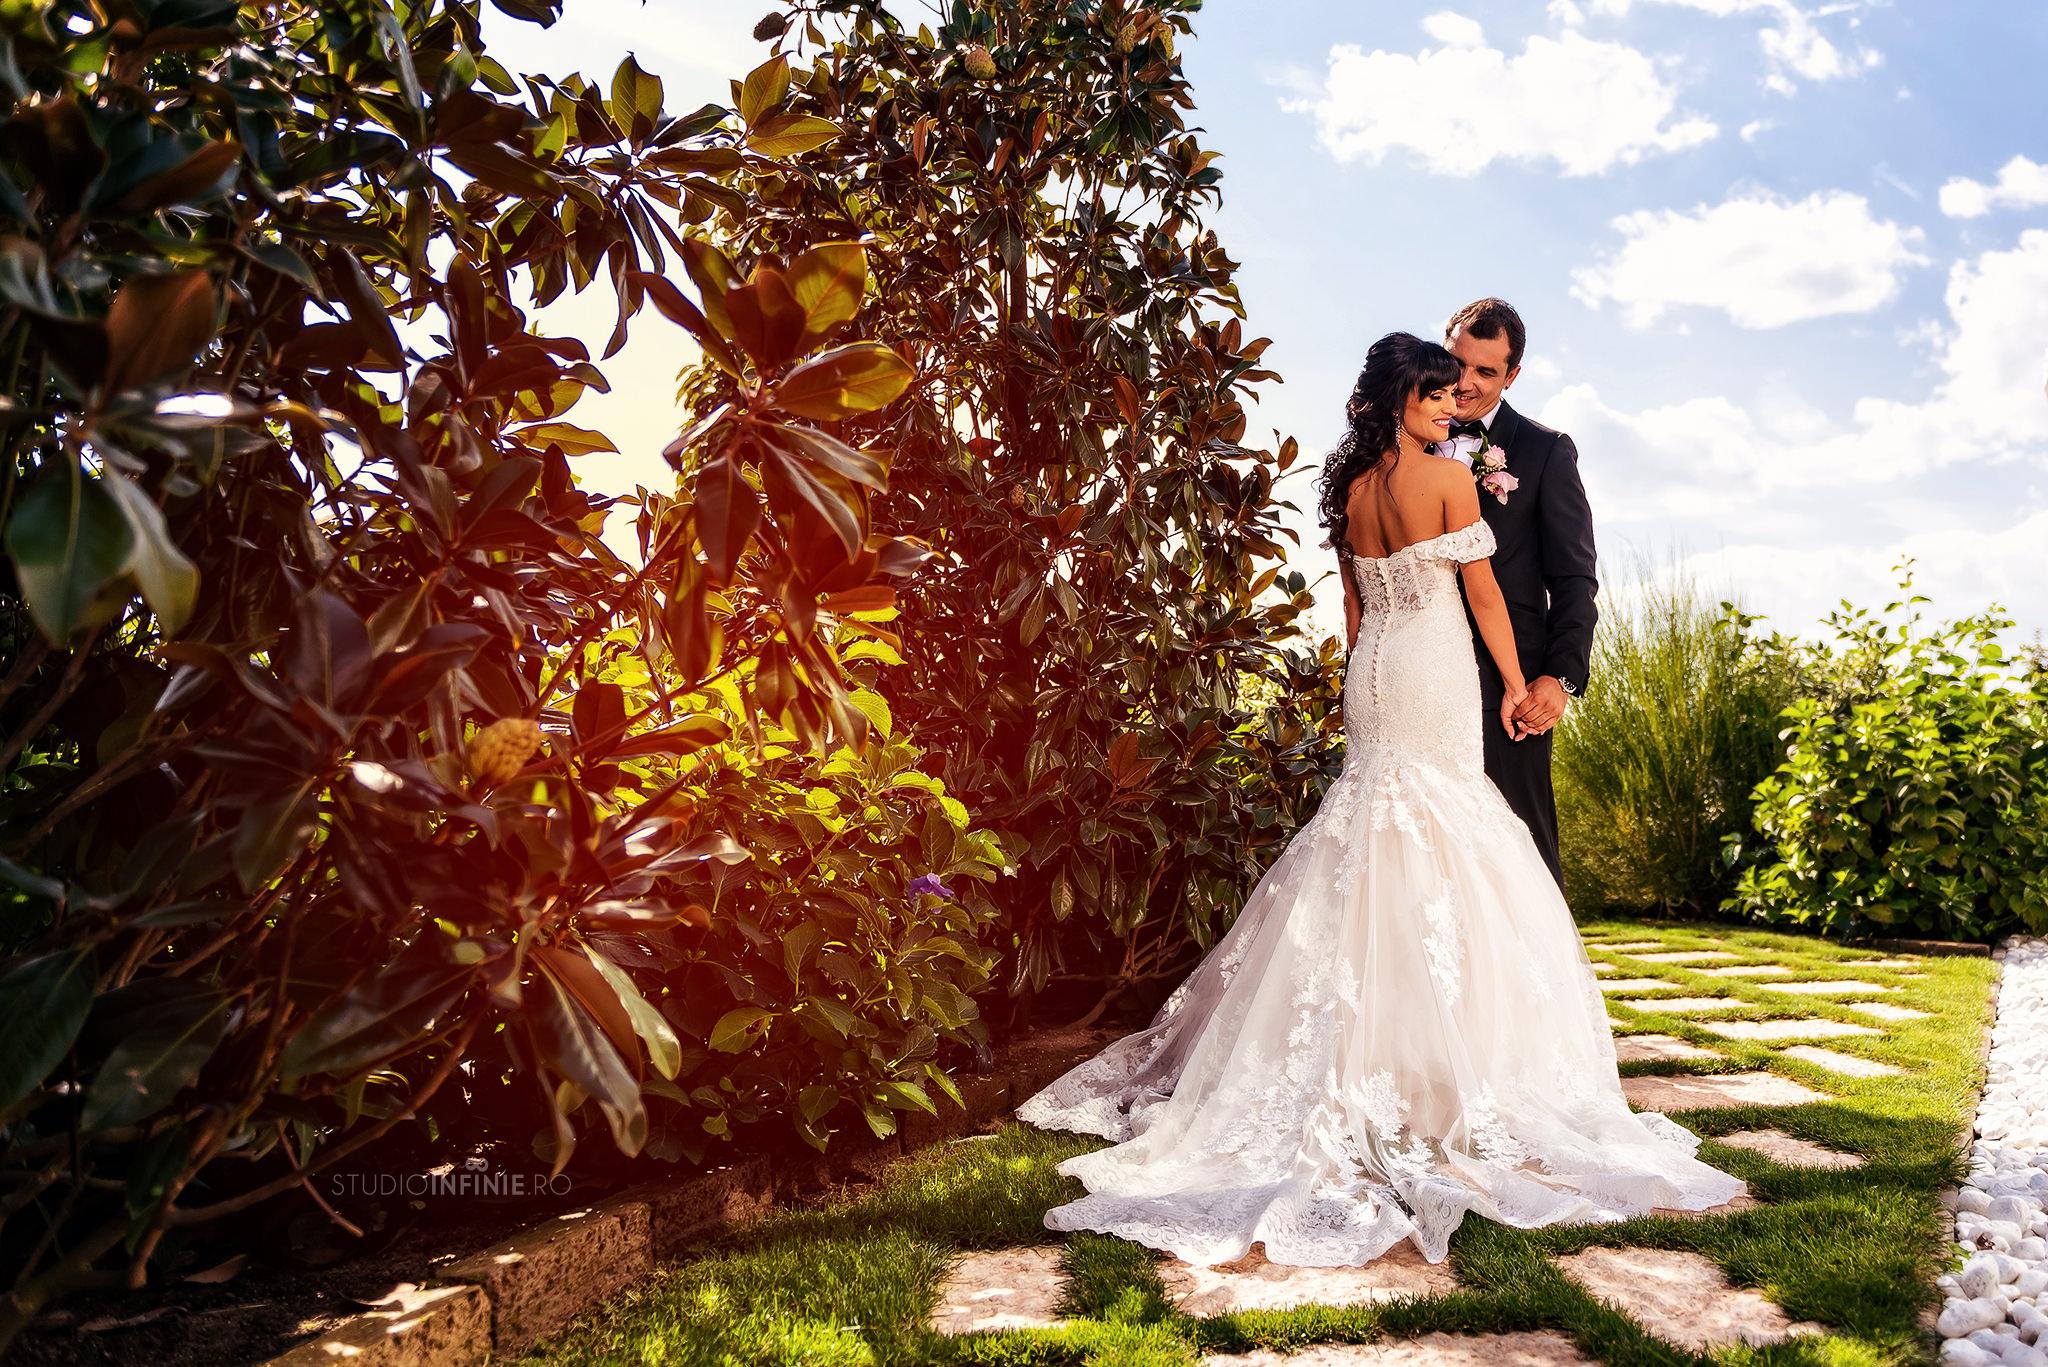 Fotografii Nunta Targu Jiu - Fotograf nunta Targu Jiu